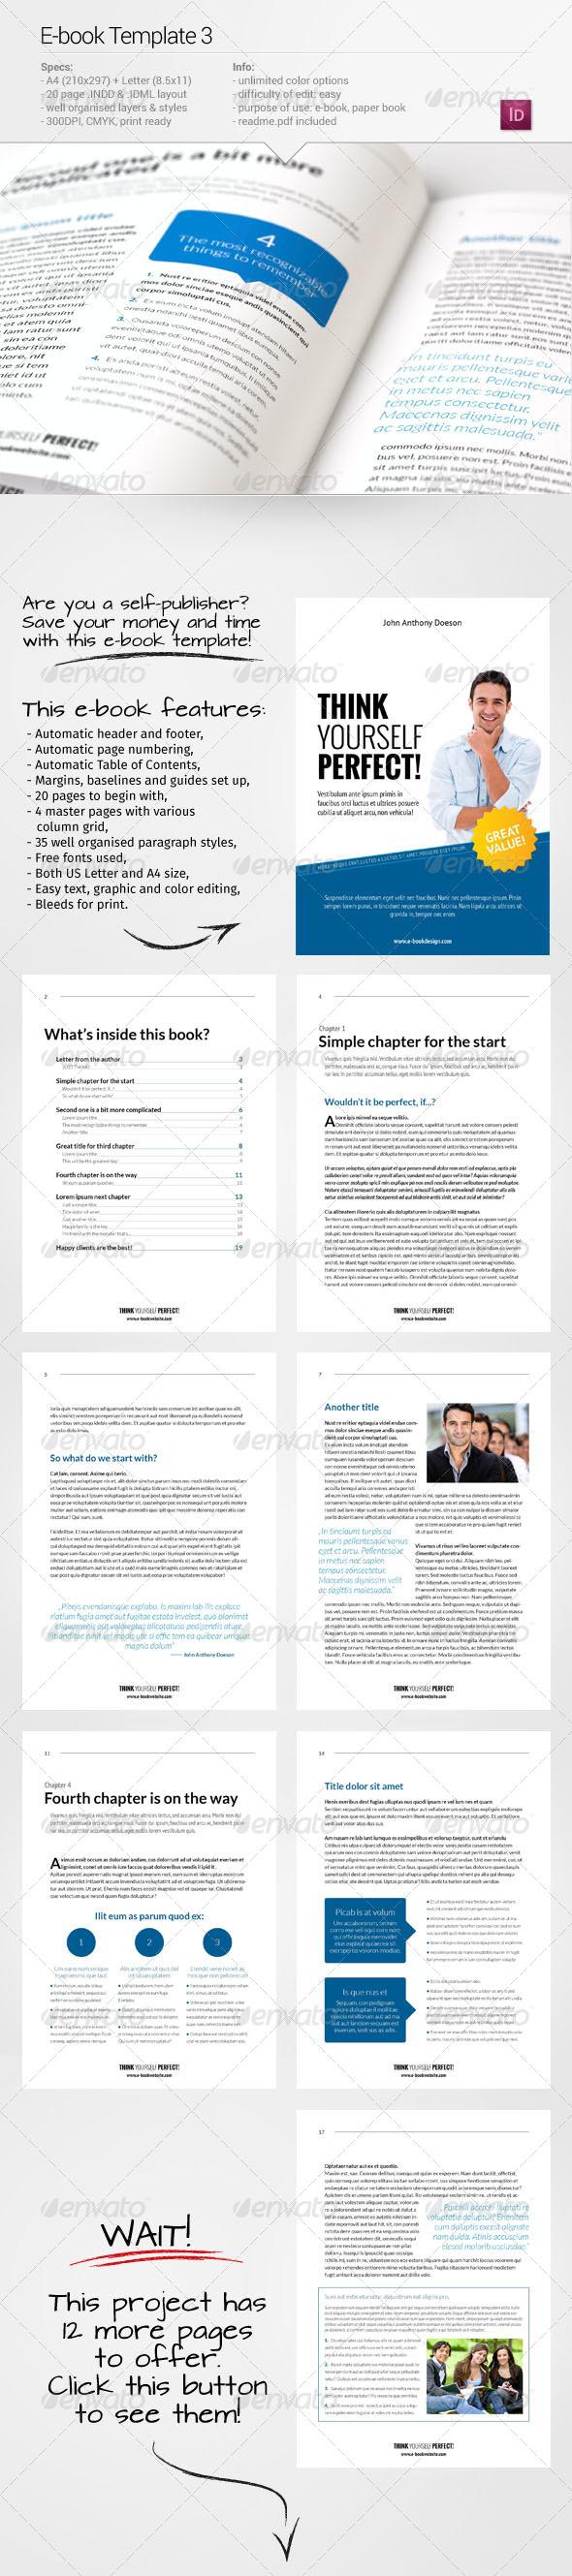 GraphicRiver E-book Template 3 7383894